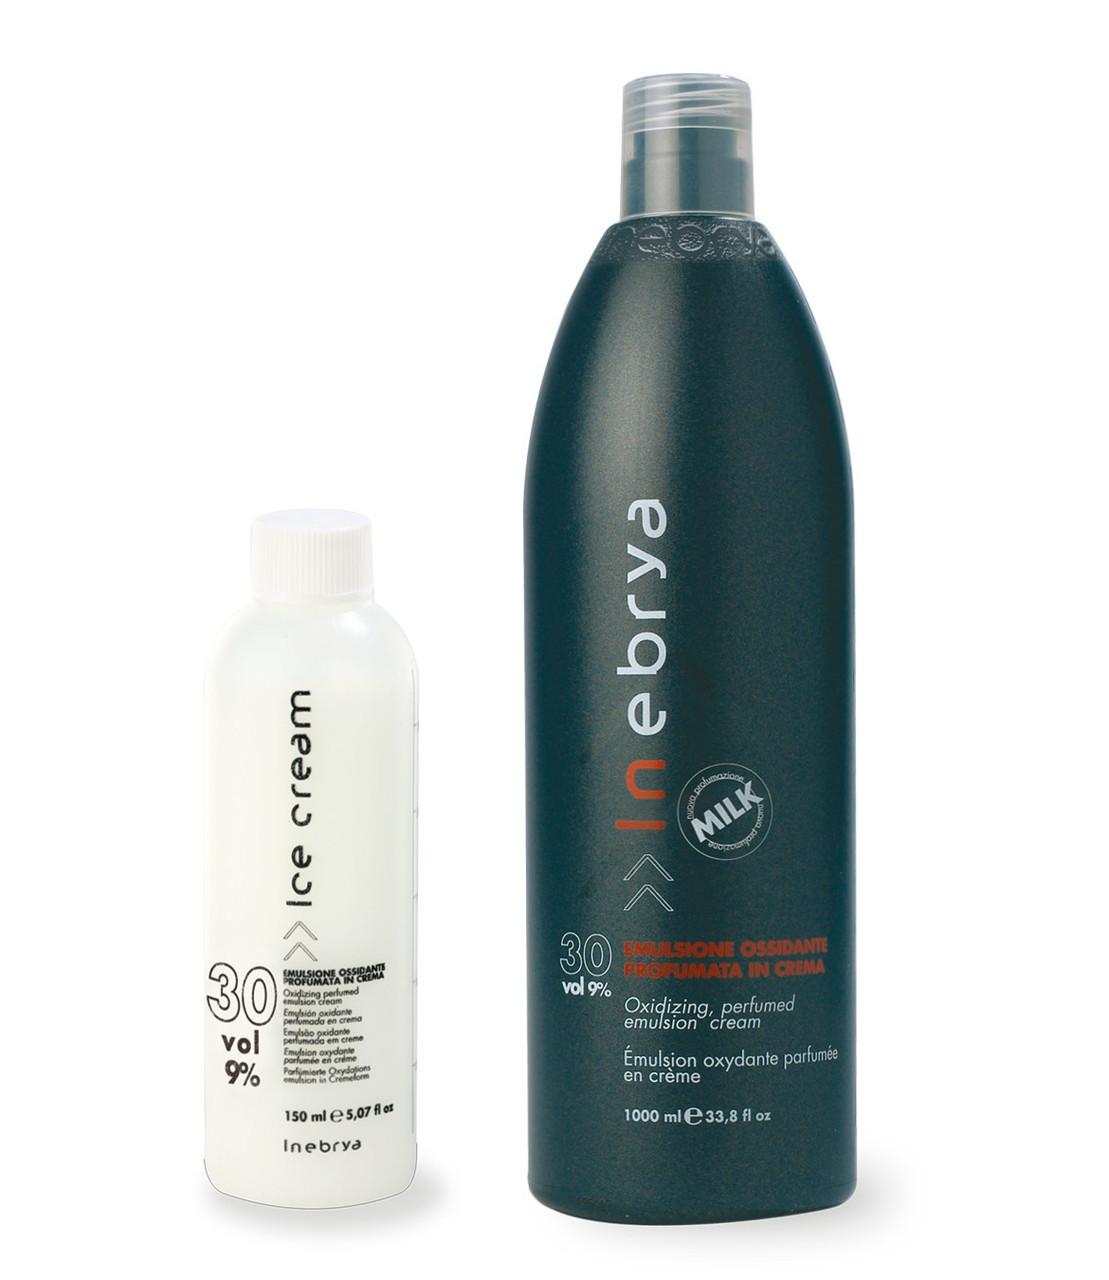 Окислительная эмульсия для волос  30Vol, 9%, Inebrya, 1000ml